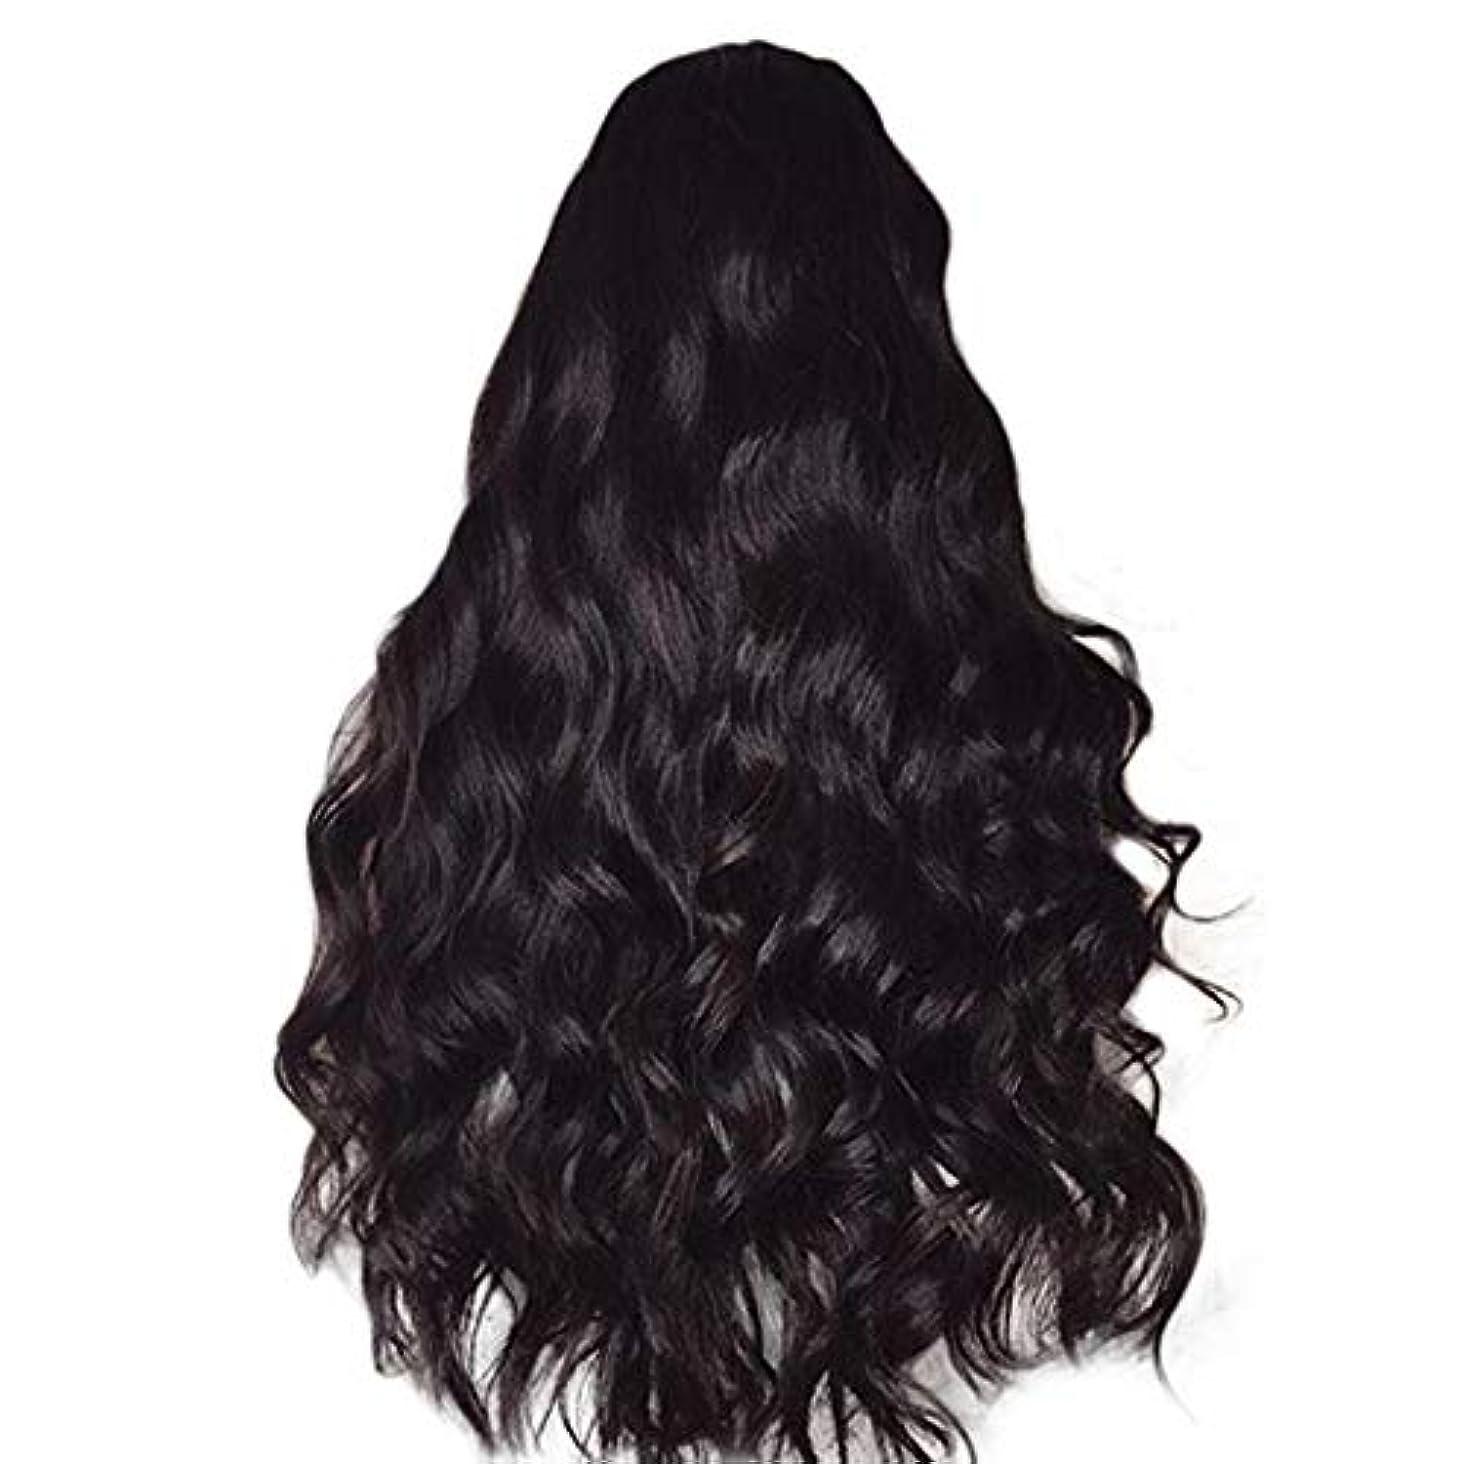 行商人巡礼者エジプト人女性のかつら長い巻き毛黒ふわふわビッグウェーブウィッグ65 cm